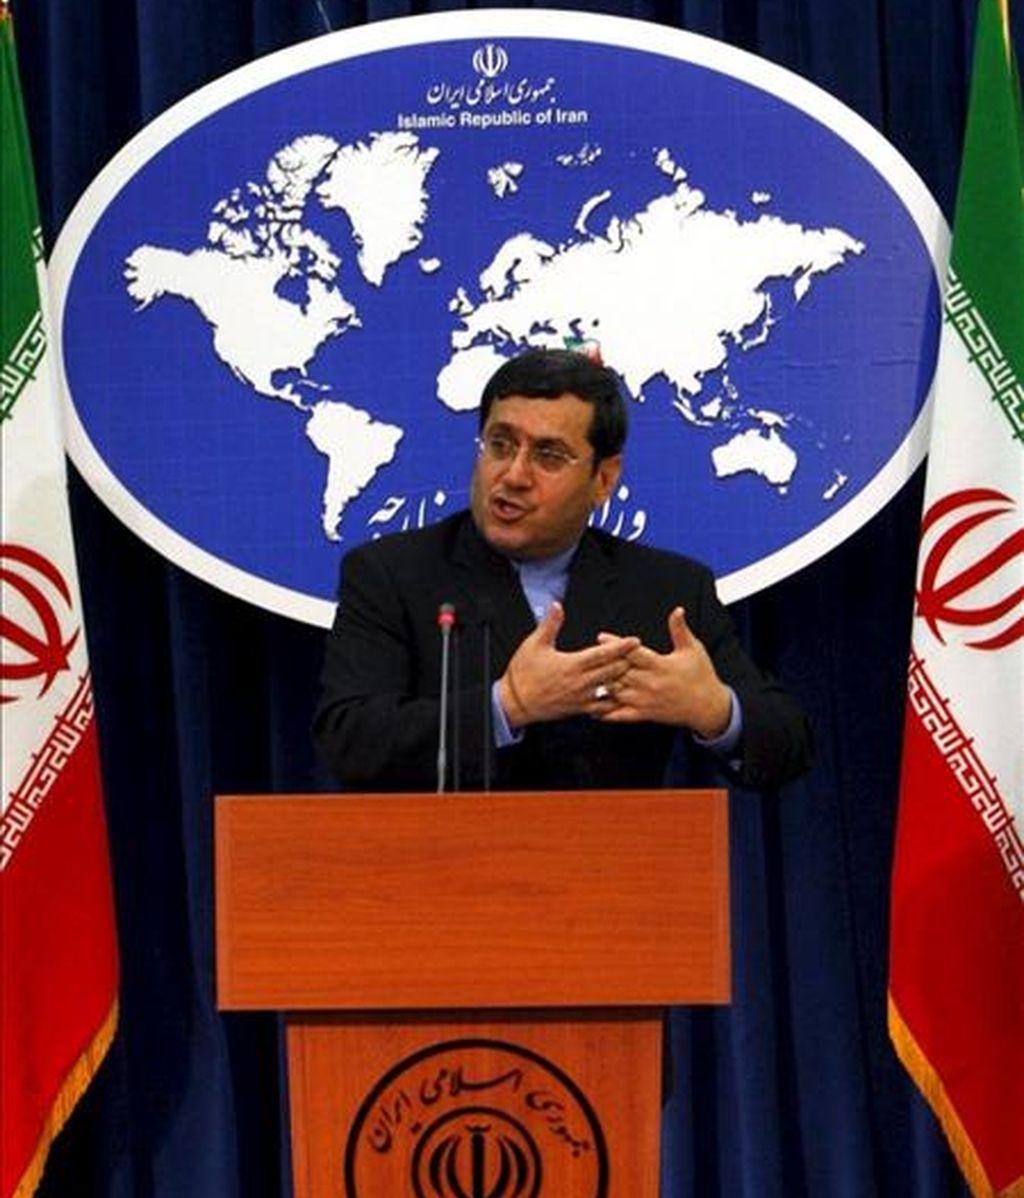 El portavoz del Ministerio iraní de Asuntos exteriores Hassan Ghashghavi, durante una rueda de prensa celebrada en Teherán. EFE